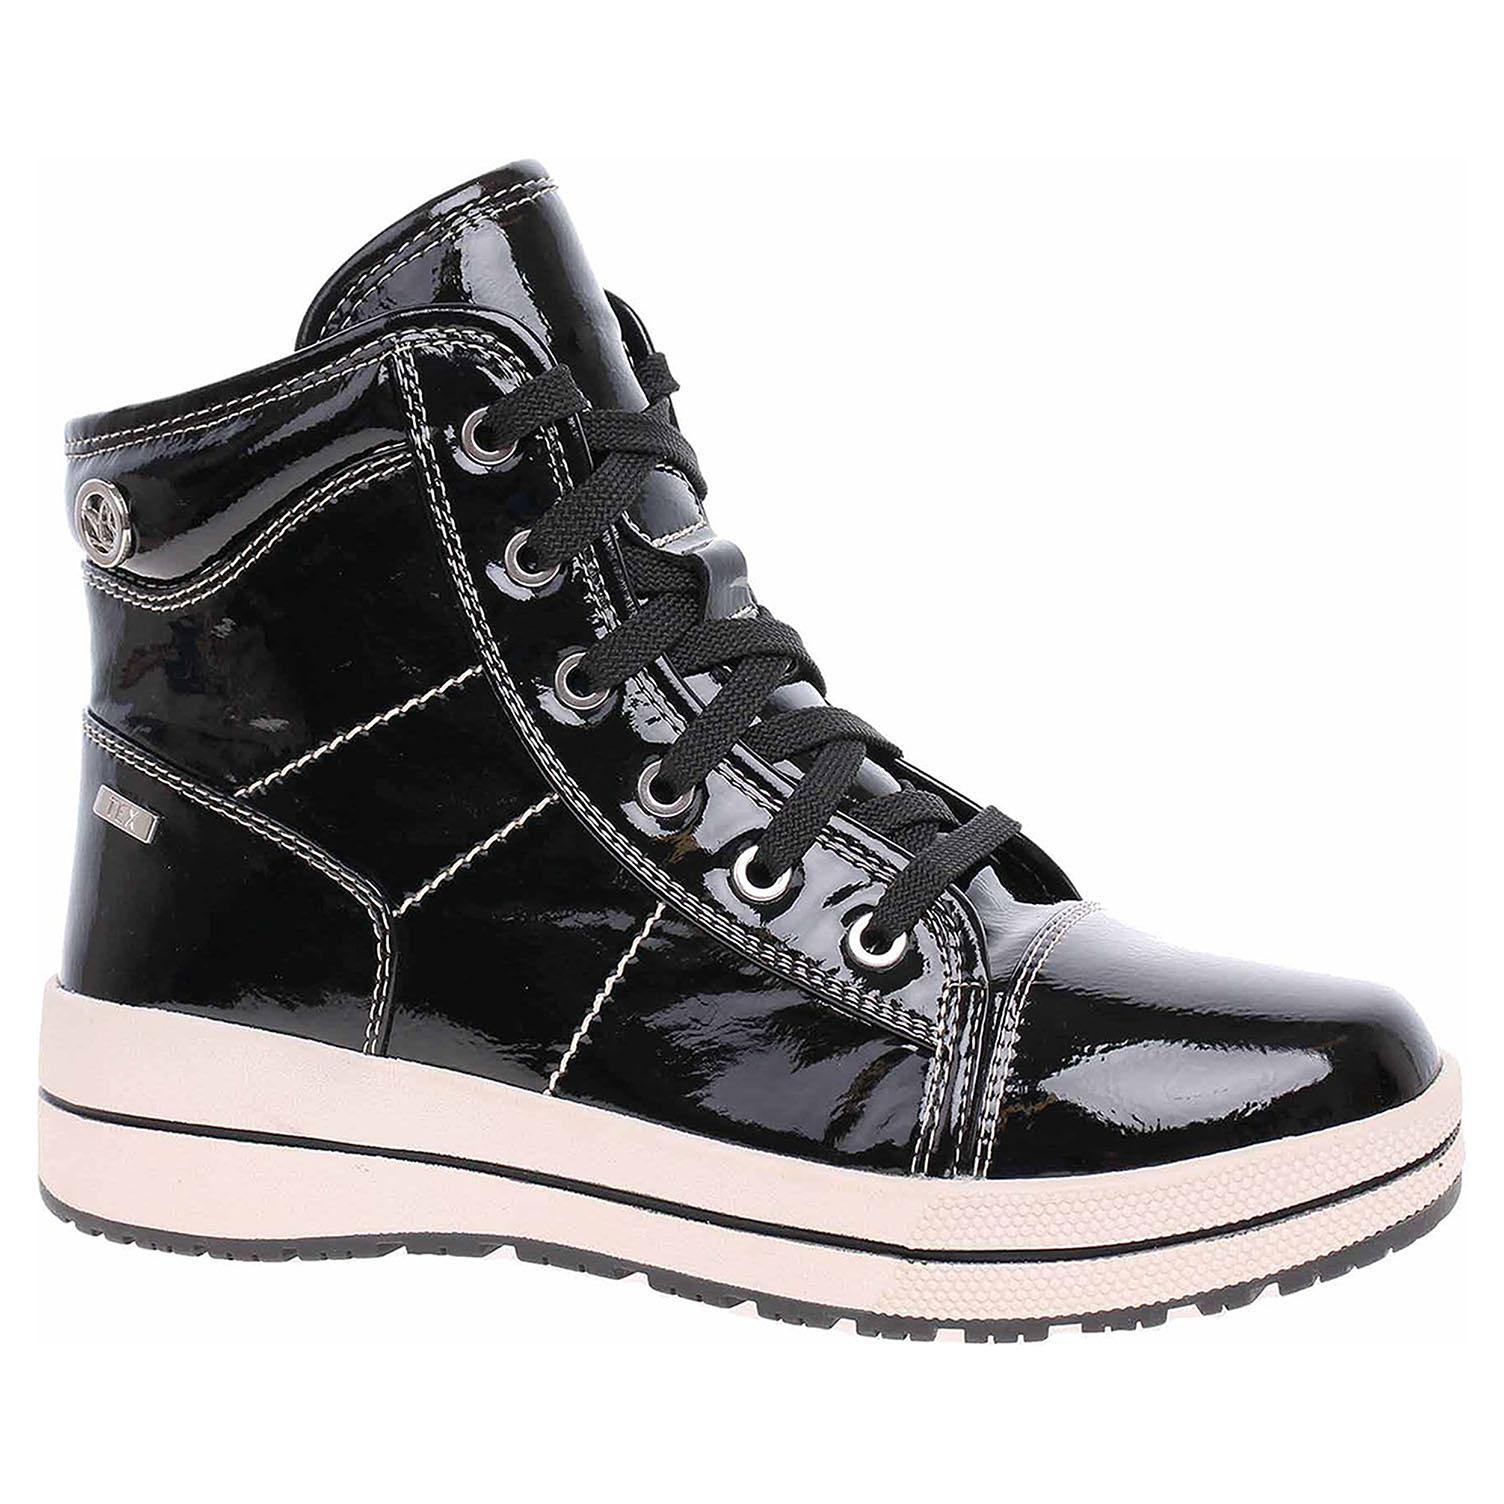 9/9-26222/21 018 black patent lepené dámské kotníkové, Tex, zip+šněr., lak CAPRICE